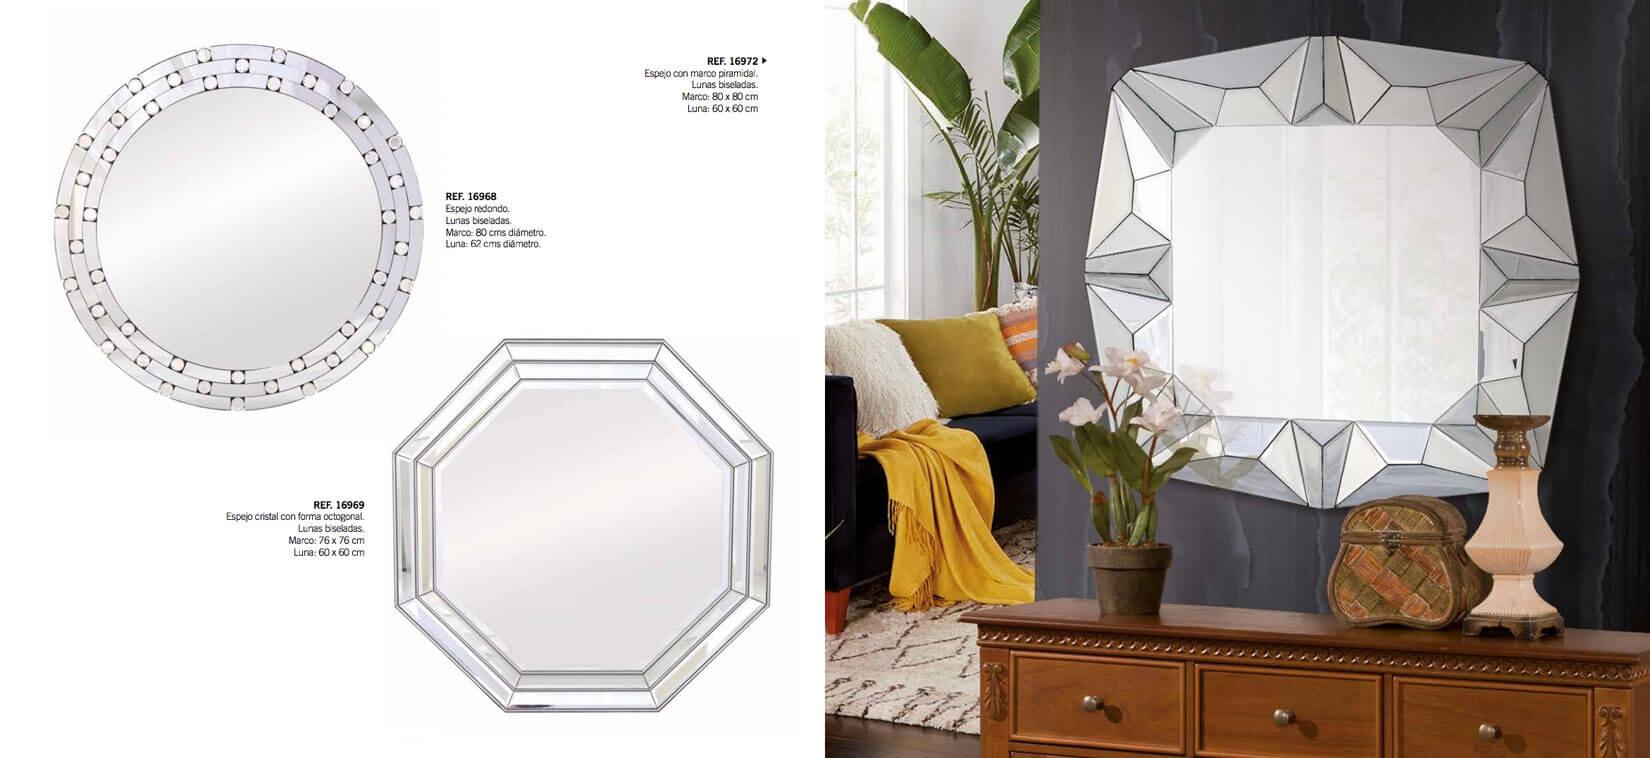 Interiorismo Espejos GYC - Ref. 0003